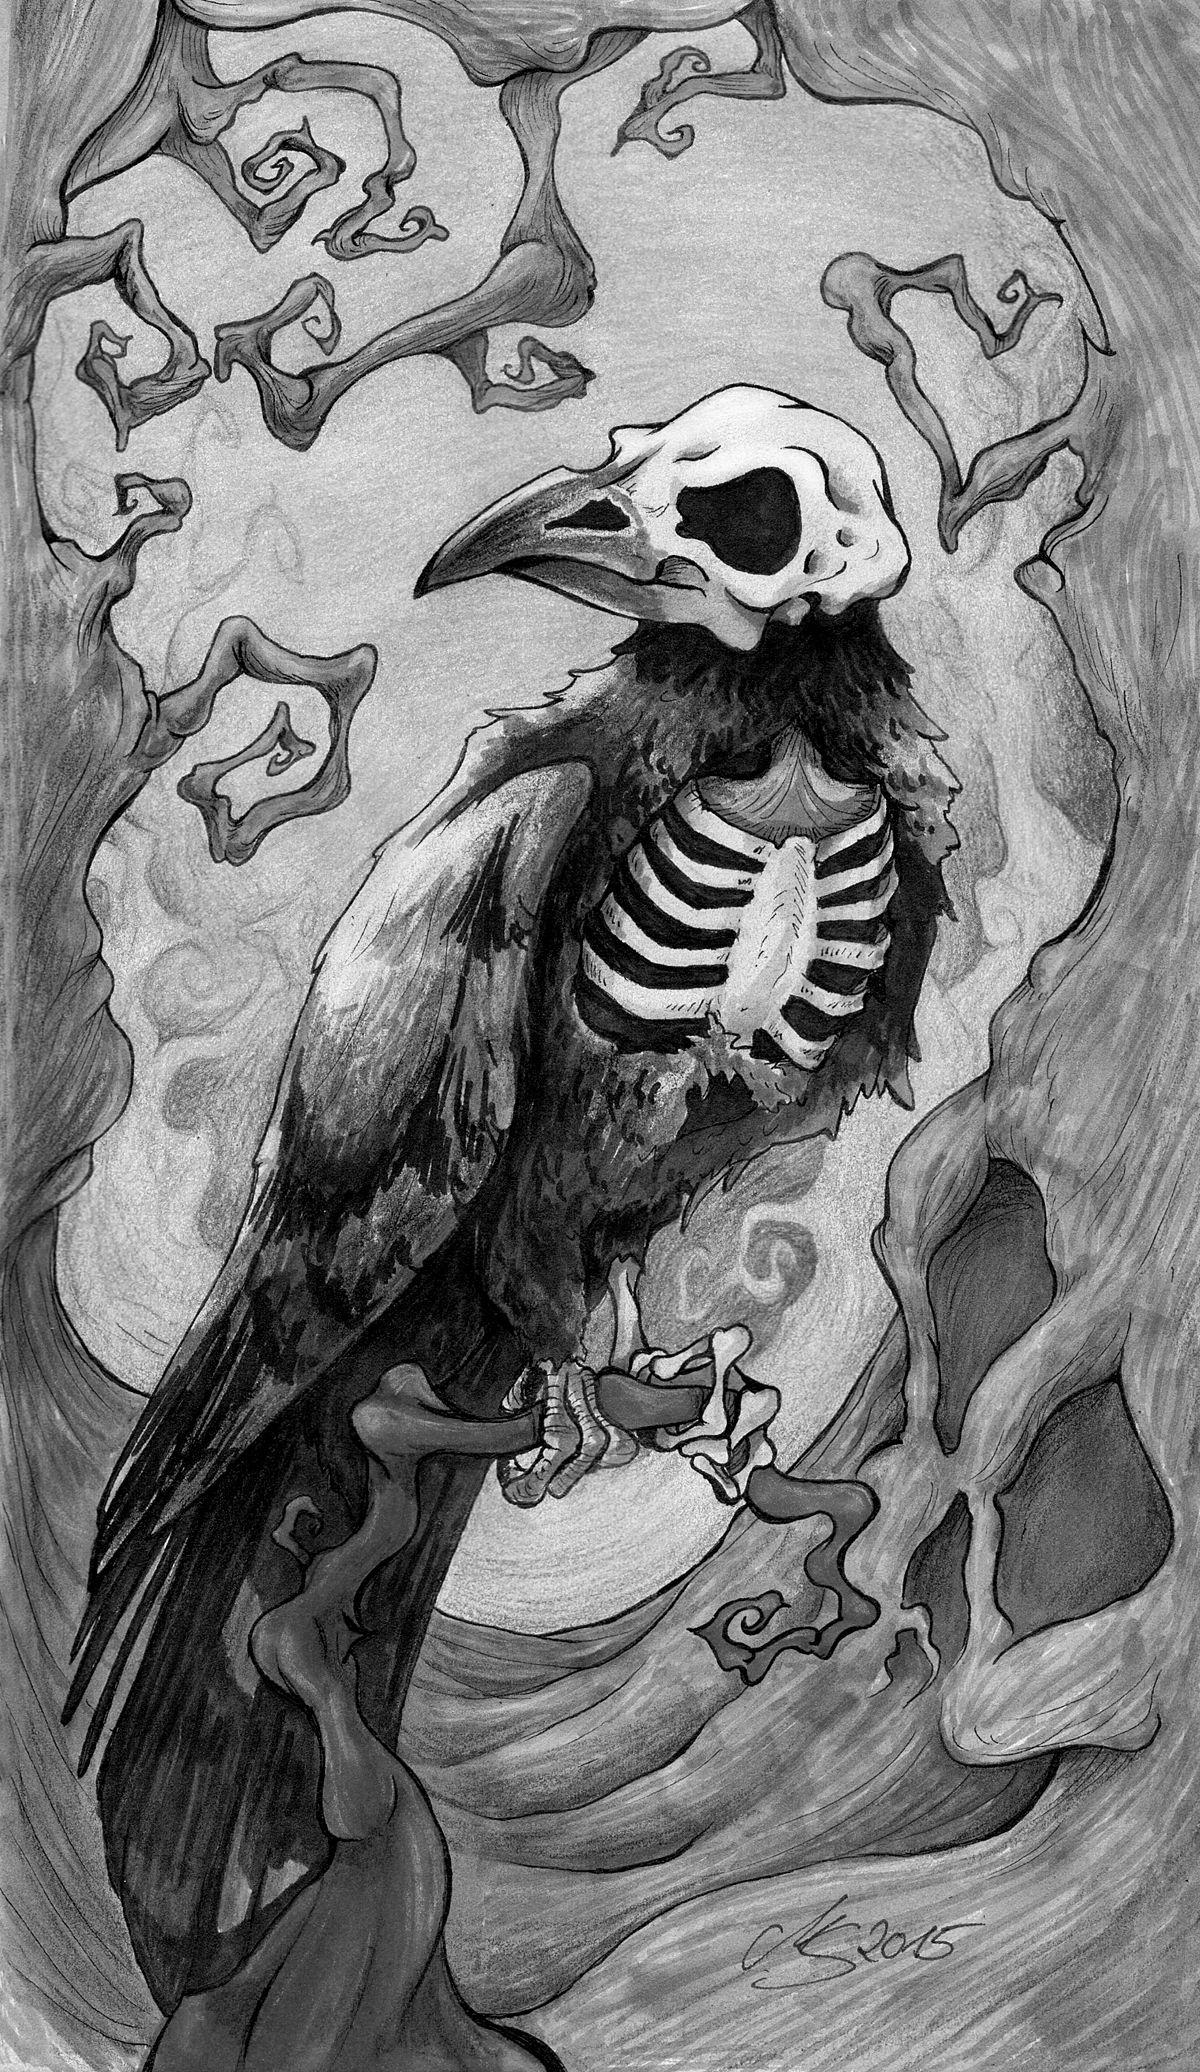 Dark Raven (monochrome) by SarembaArt